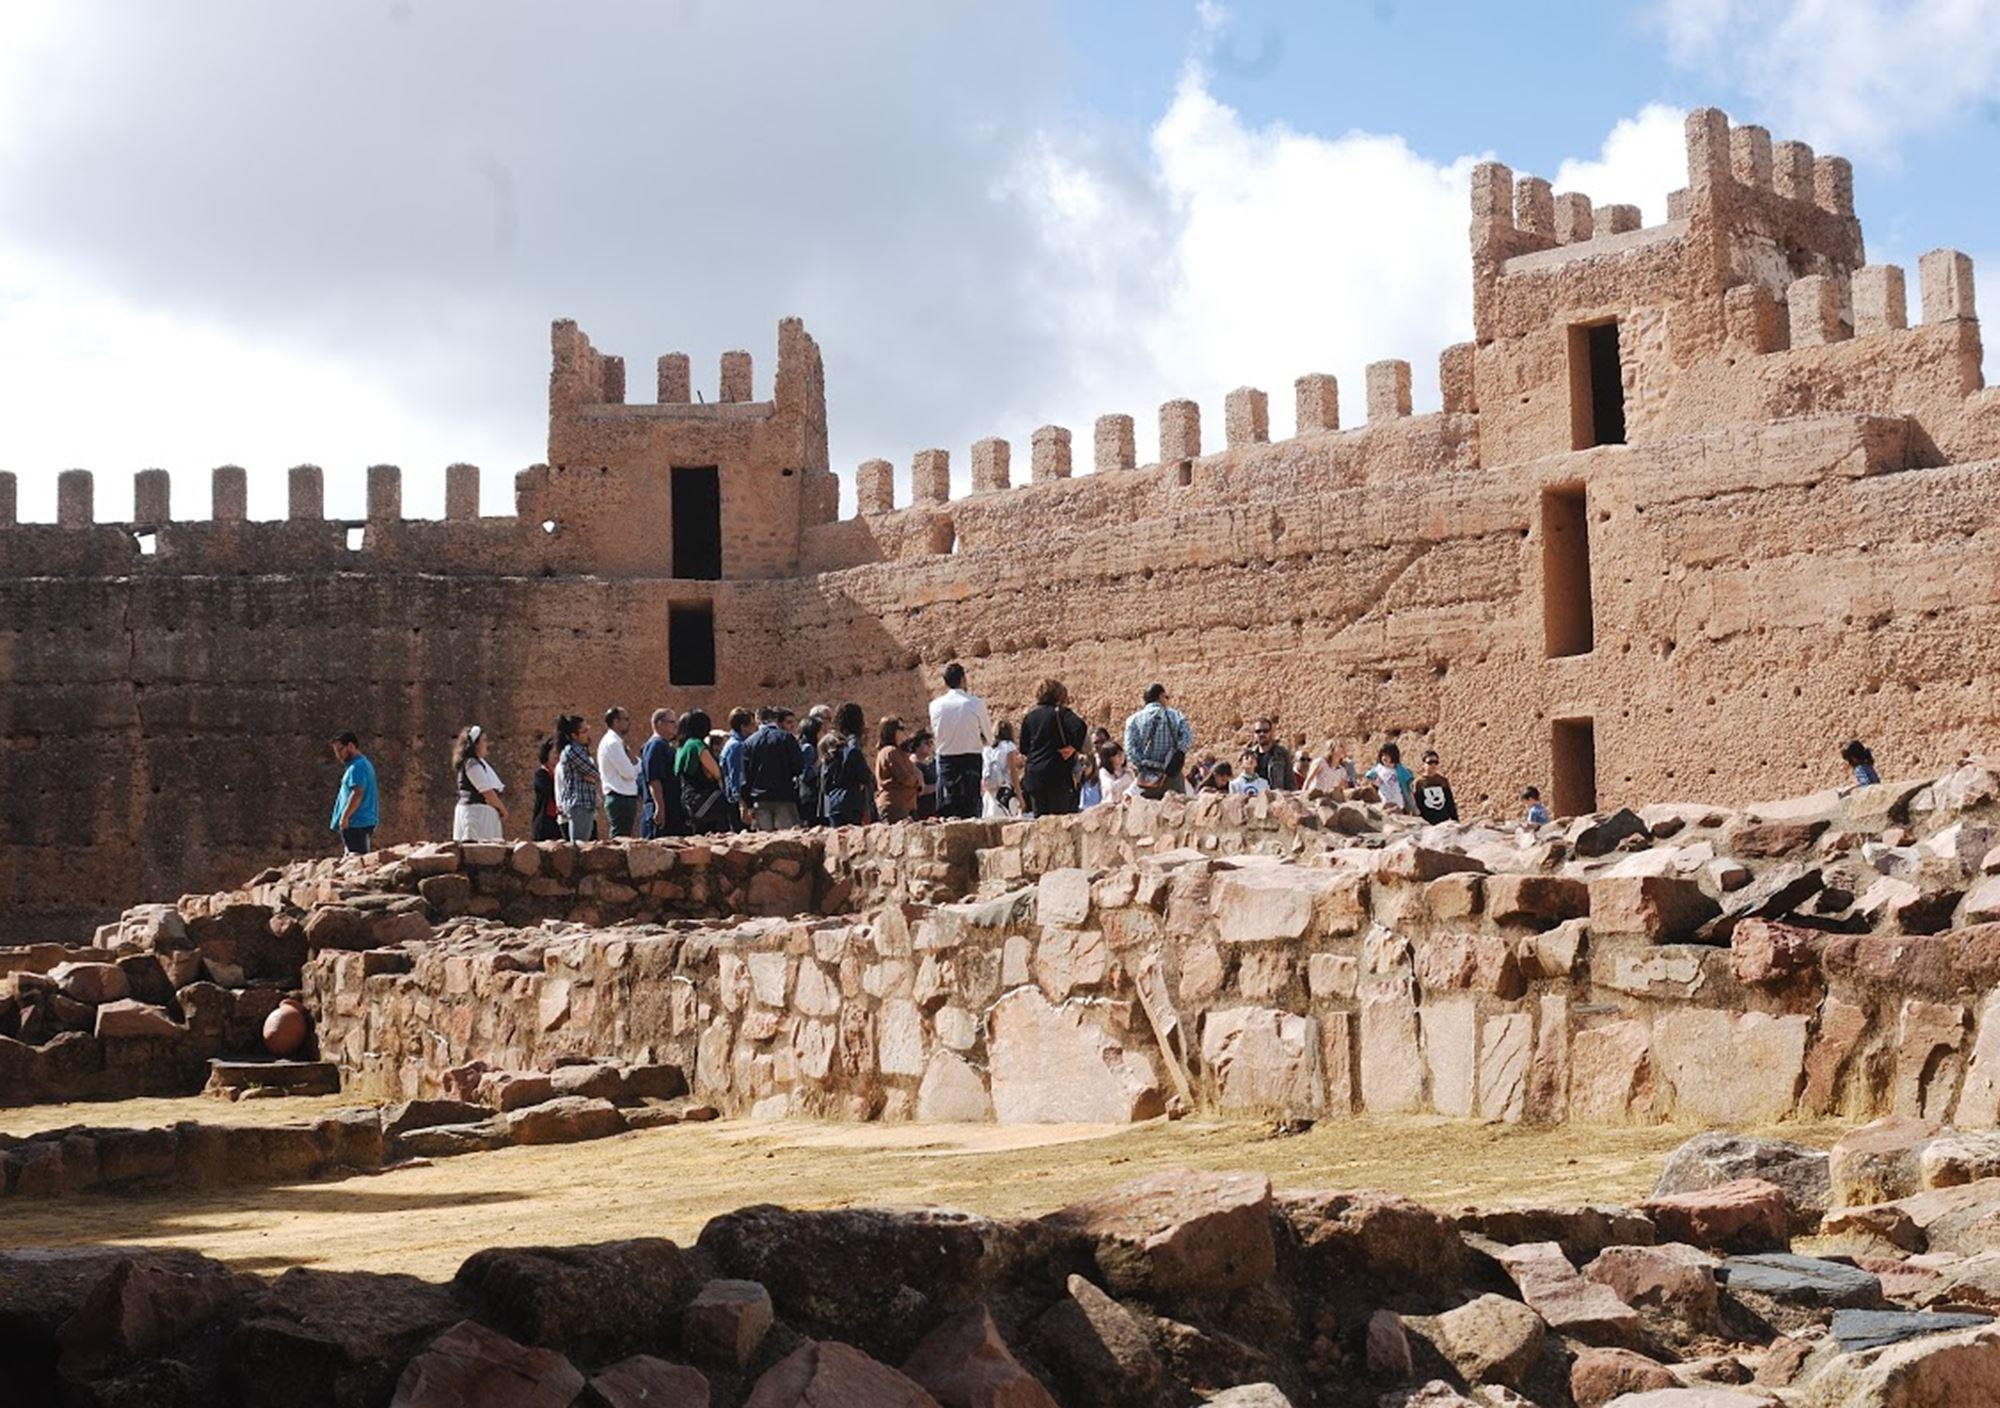 Visita guiada a castillo de ba os de la encina ja n reservar tour online con gu a oficial - Castillo de banos de la encina ...